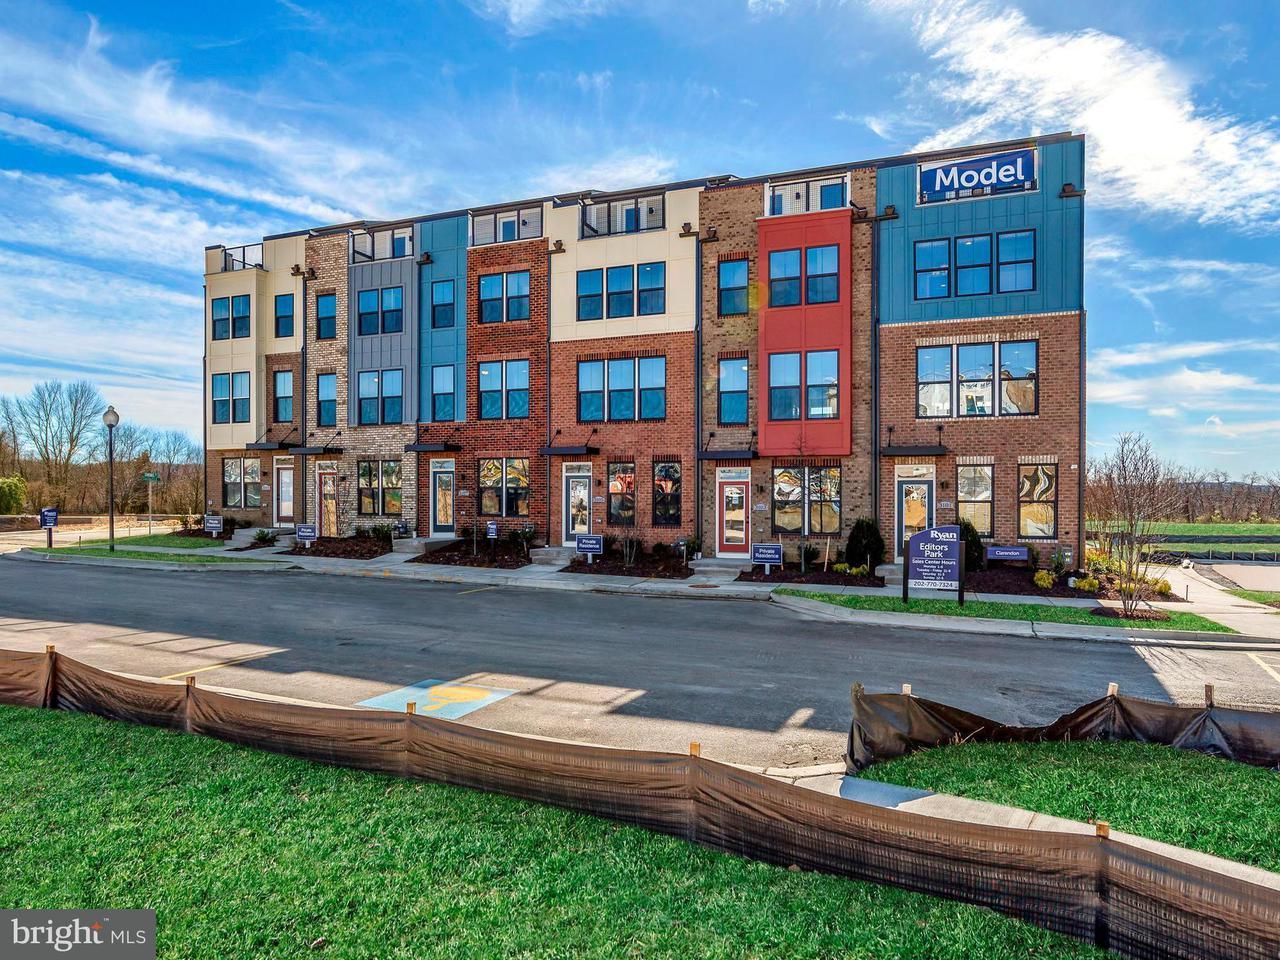 Σπίτι στην πόλη για την Πώληση στο 3326 TRIBUNE CT #H 3326 TRIBUNE CT #H Hyattsville, Μεριλαντ 20782 Ηνωμενεσ Πολιτειεσ